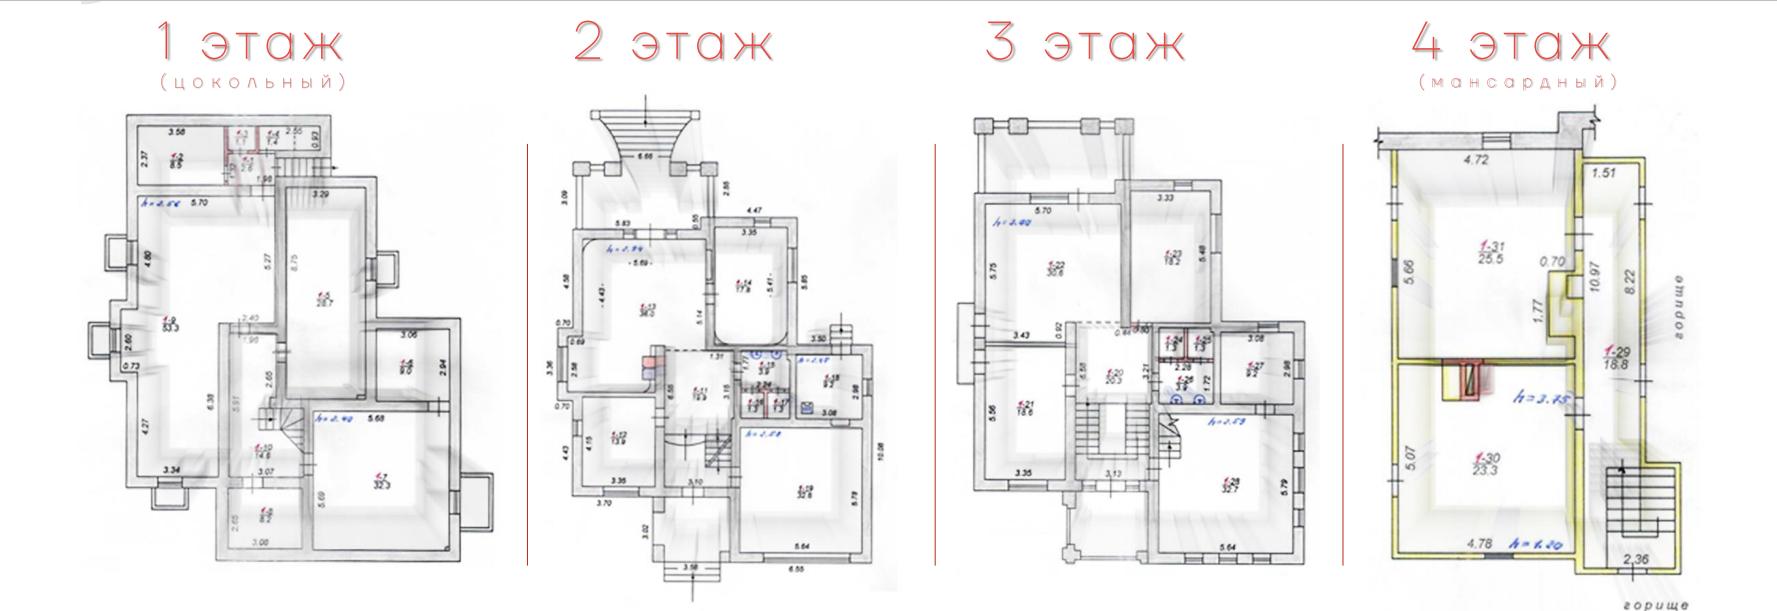 Плани поверхів